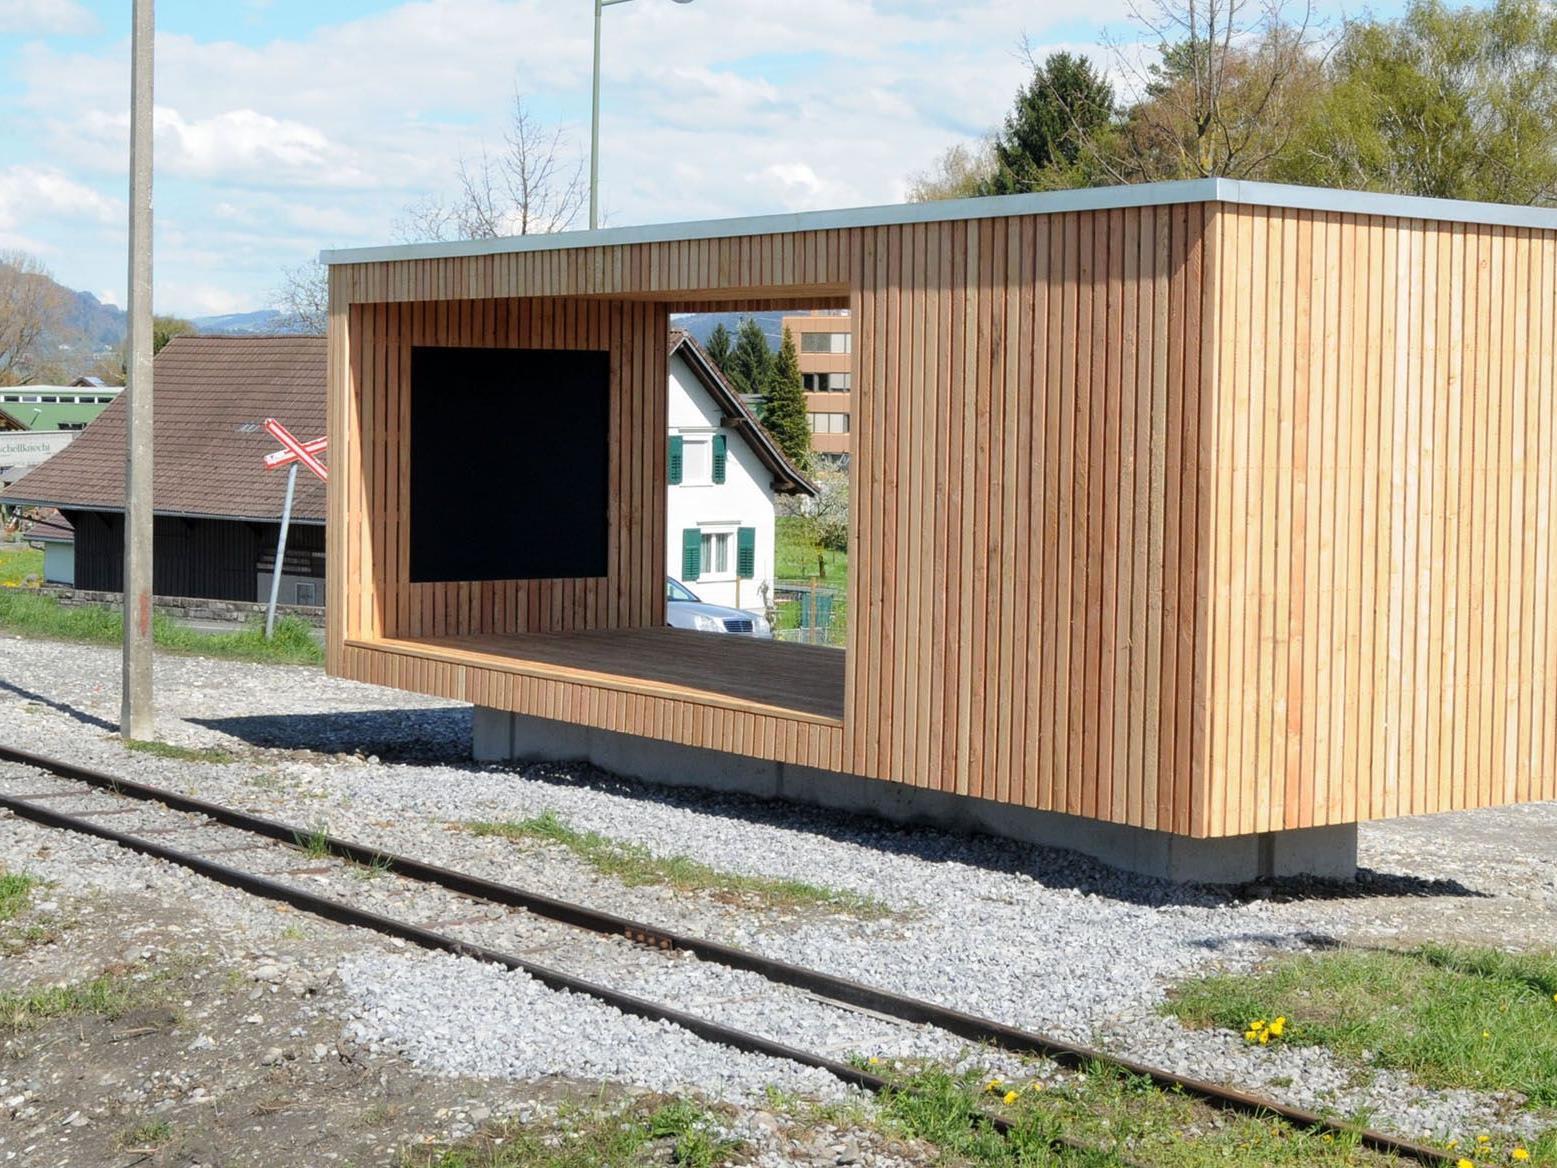 Die neue Pegelmessstation neben der Rheinbrücke Lustenau Höchst-Brugg